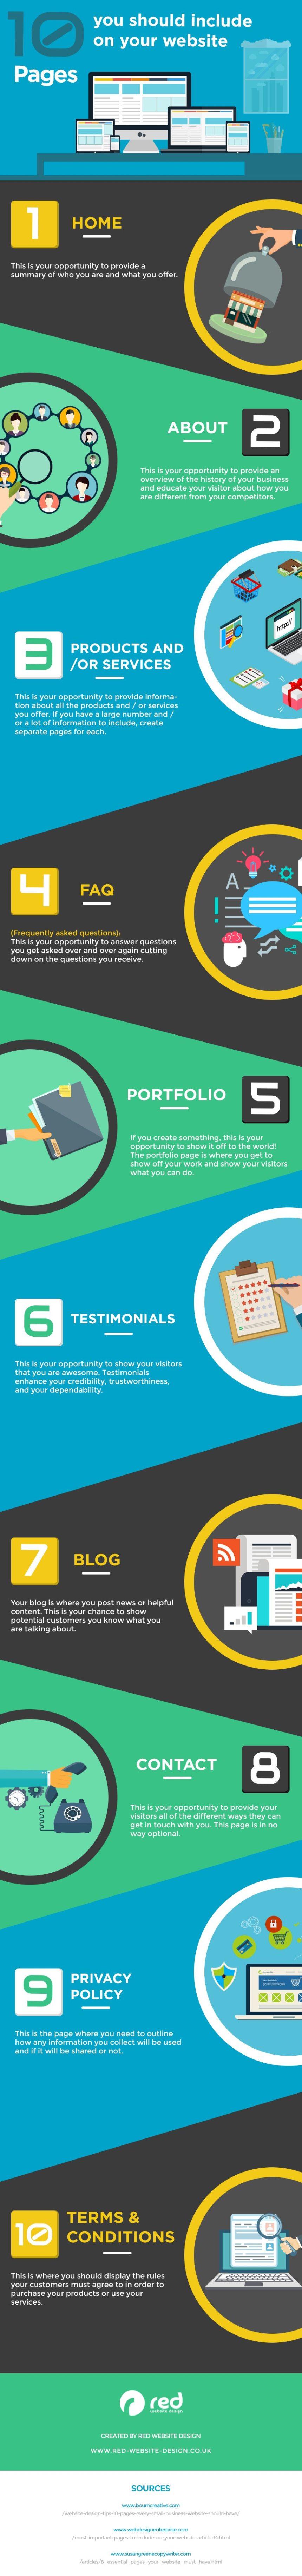 10 páginas que debe incluir tu web #infografia #infographic #marketing